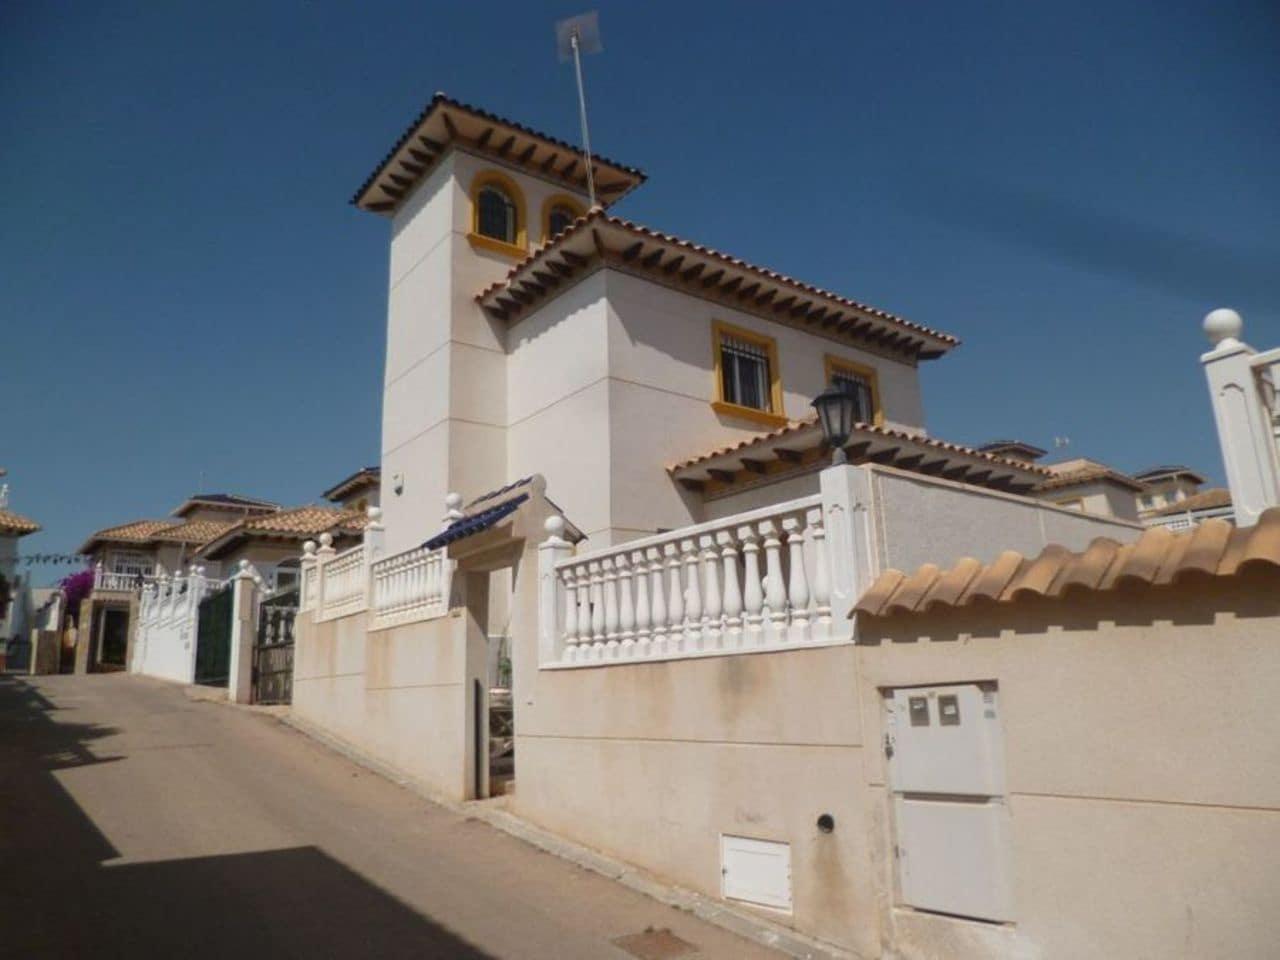 Chalet de 3 habitaciones en Playa Flamenca en venta con piscina - 199.999 € (Ref: 5036714)